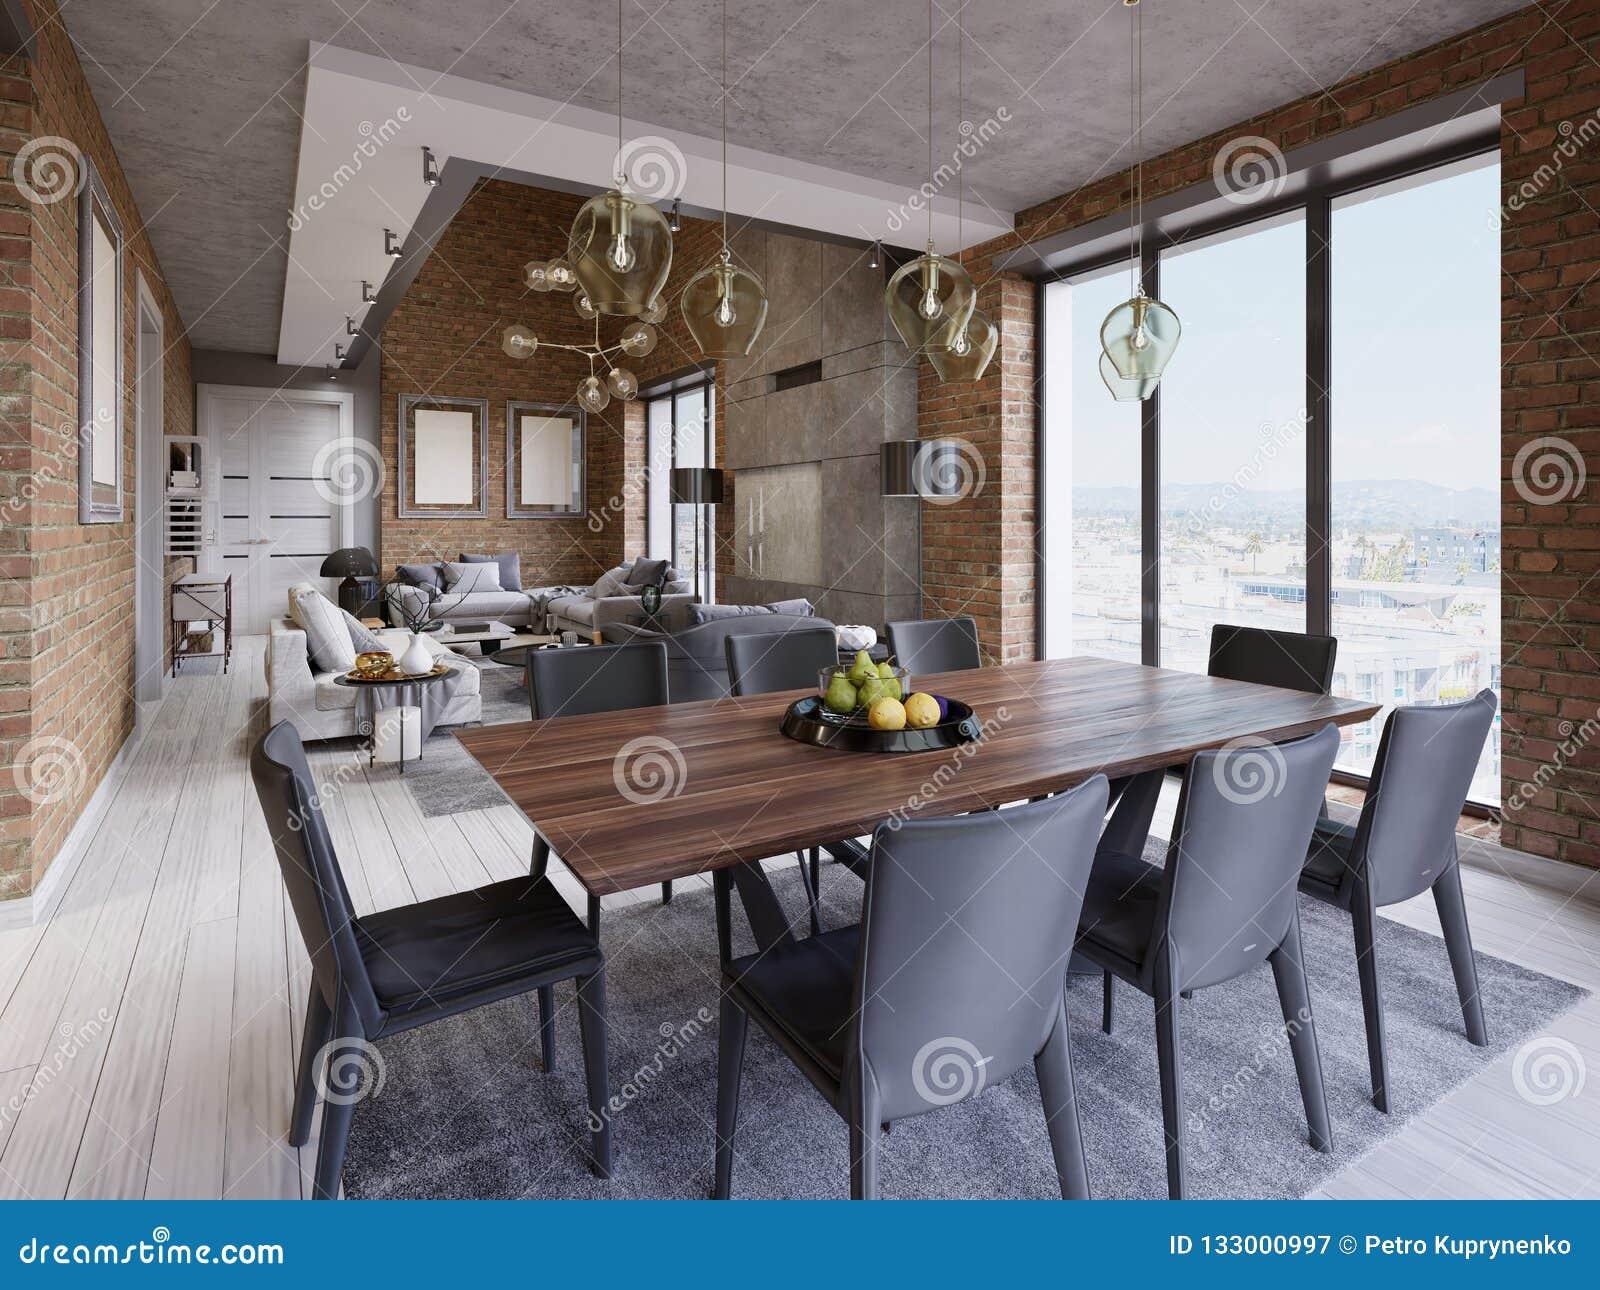 Il Tavolo Da Cucina.Sala Da Pranzo Moderna Con Il Tavolo Da Pranzo Ed Otto Sedie In Un